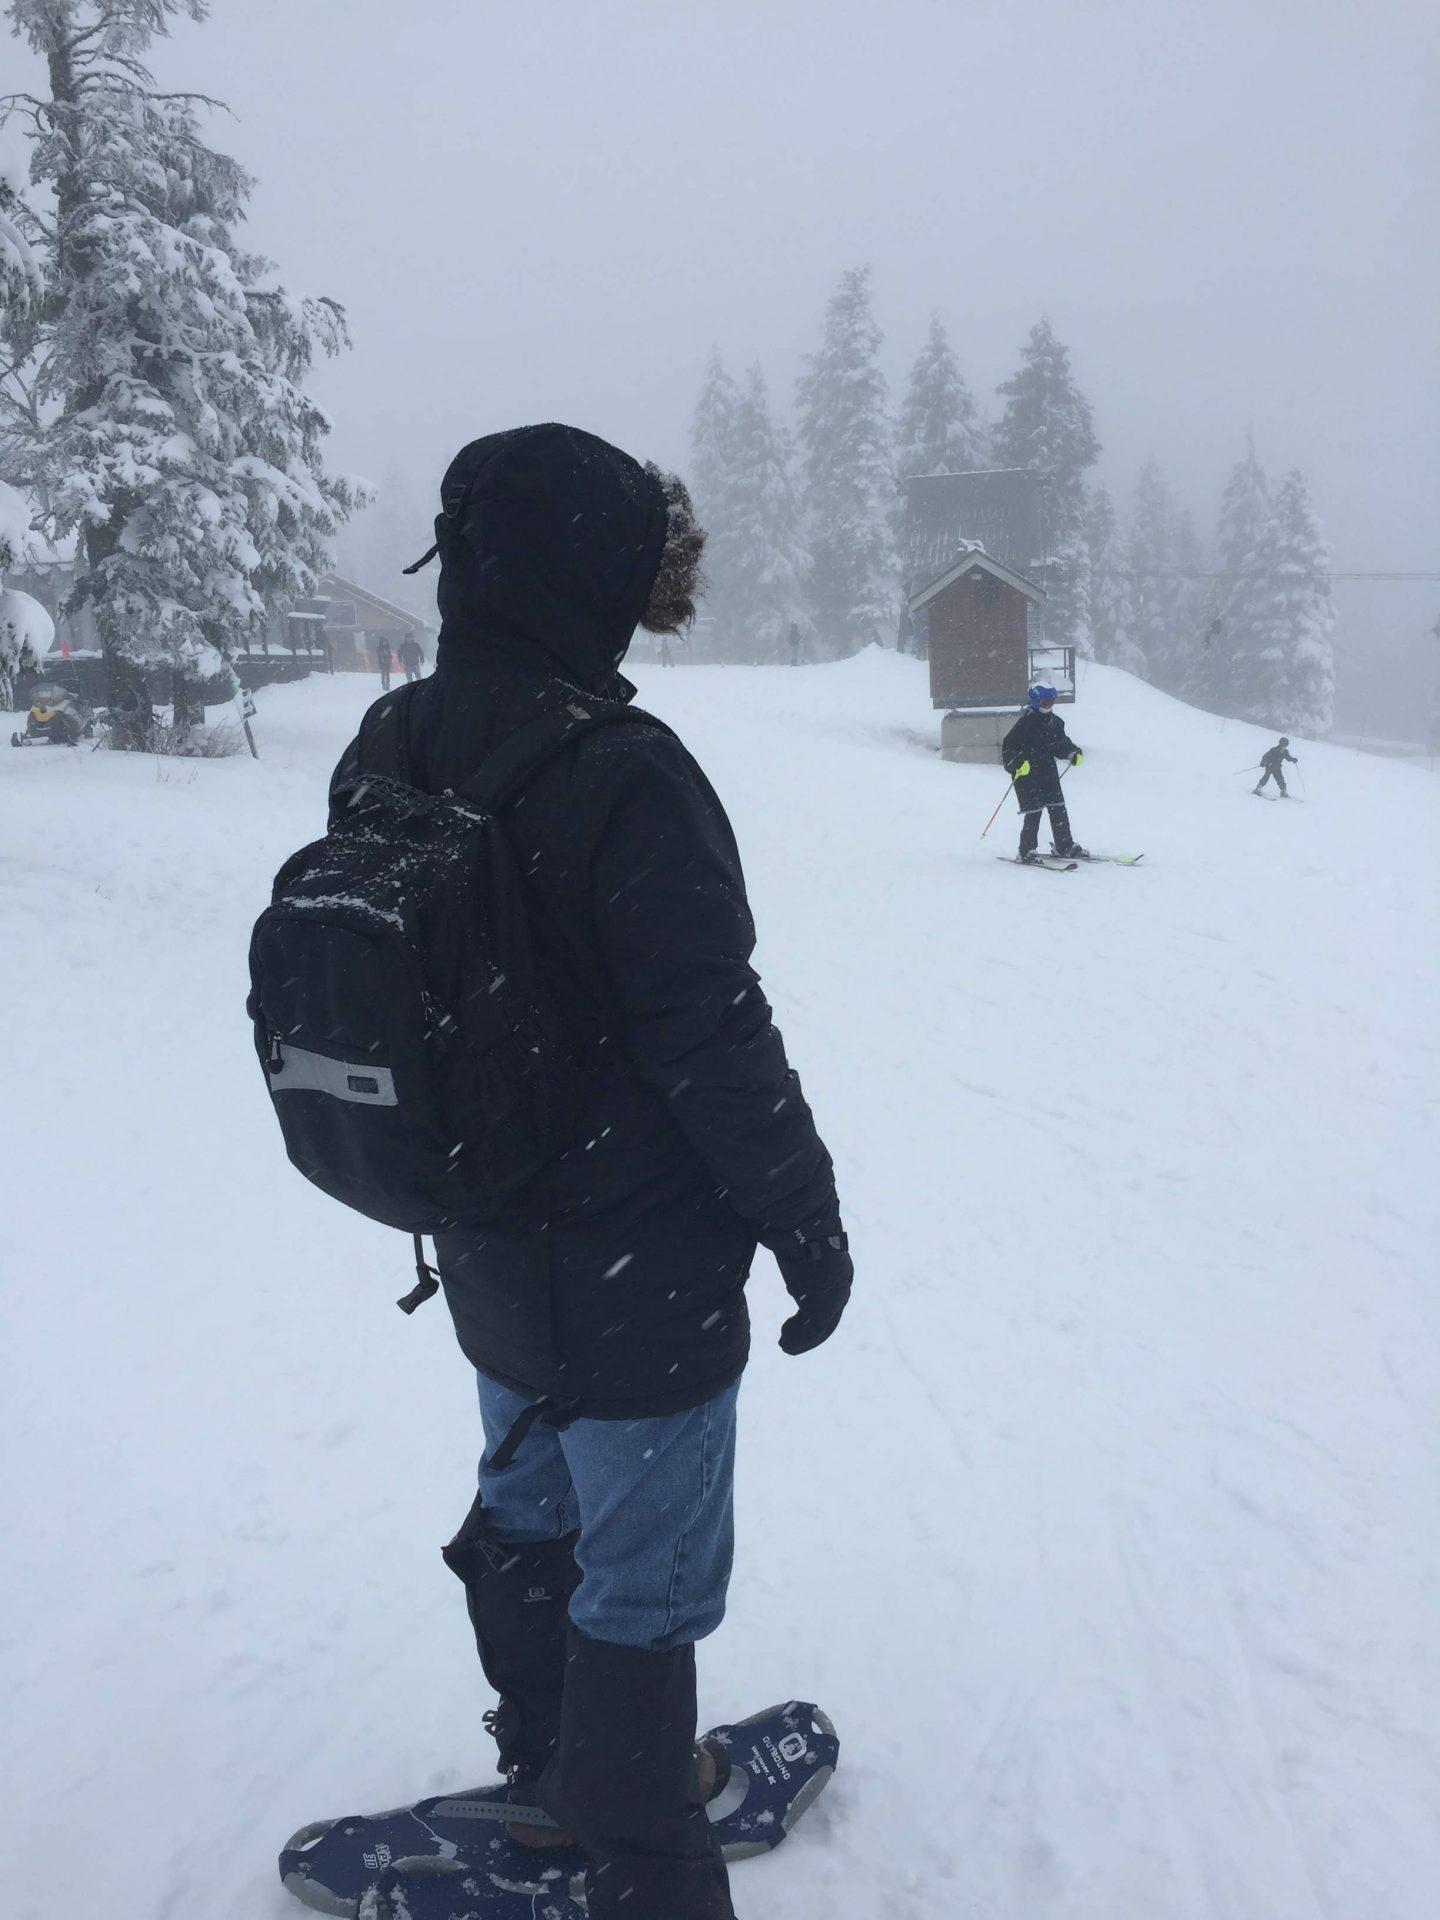 Preparing to snowshoe alongside skiiers